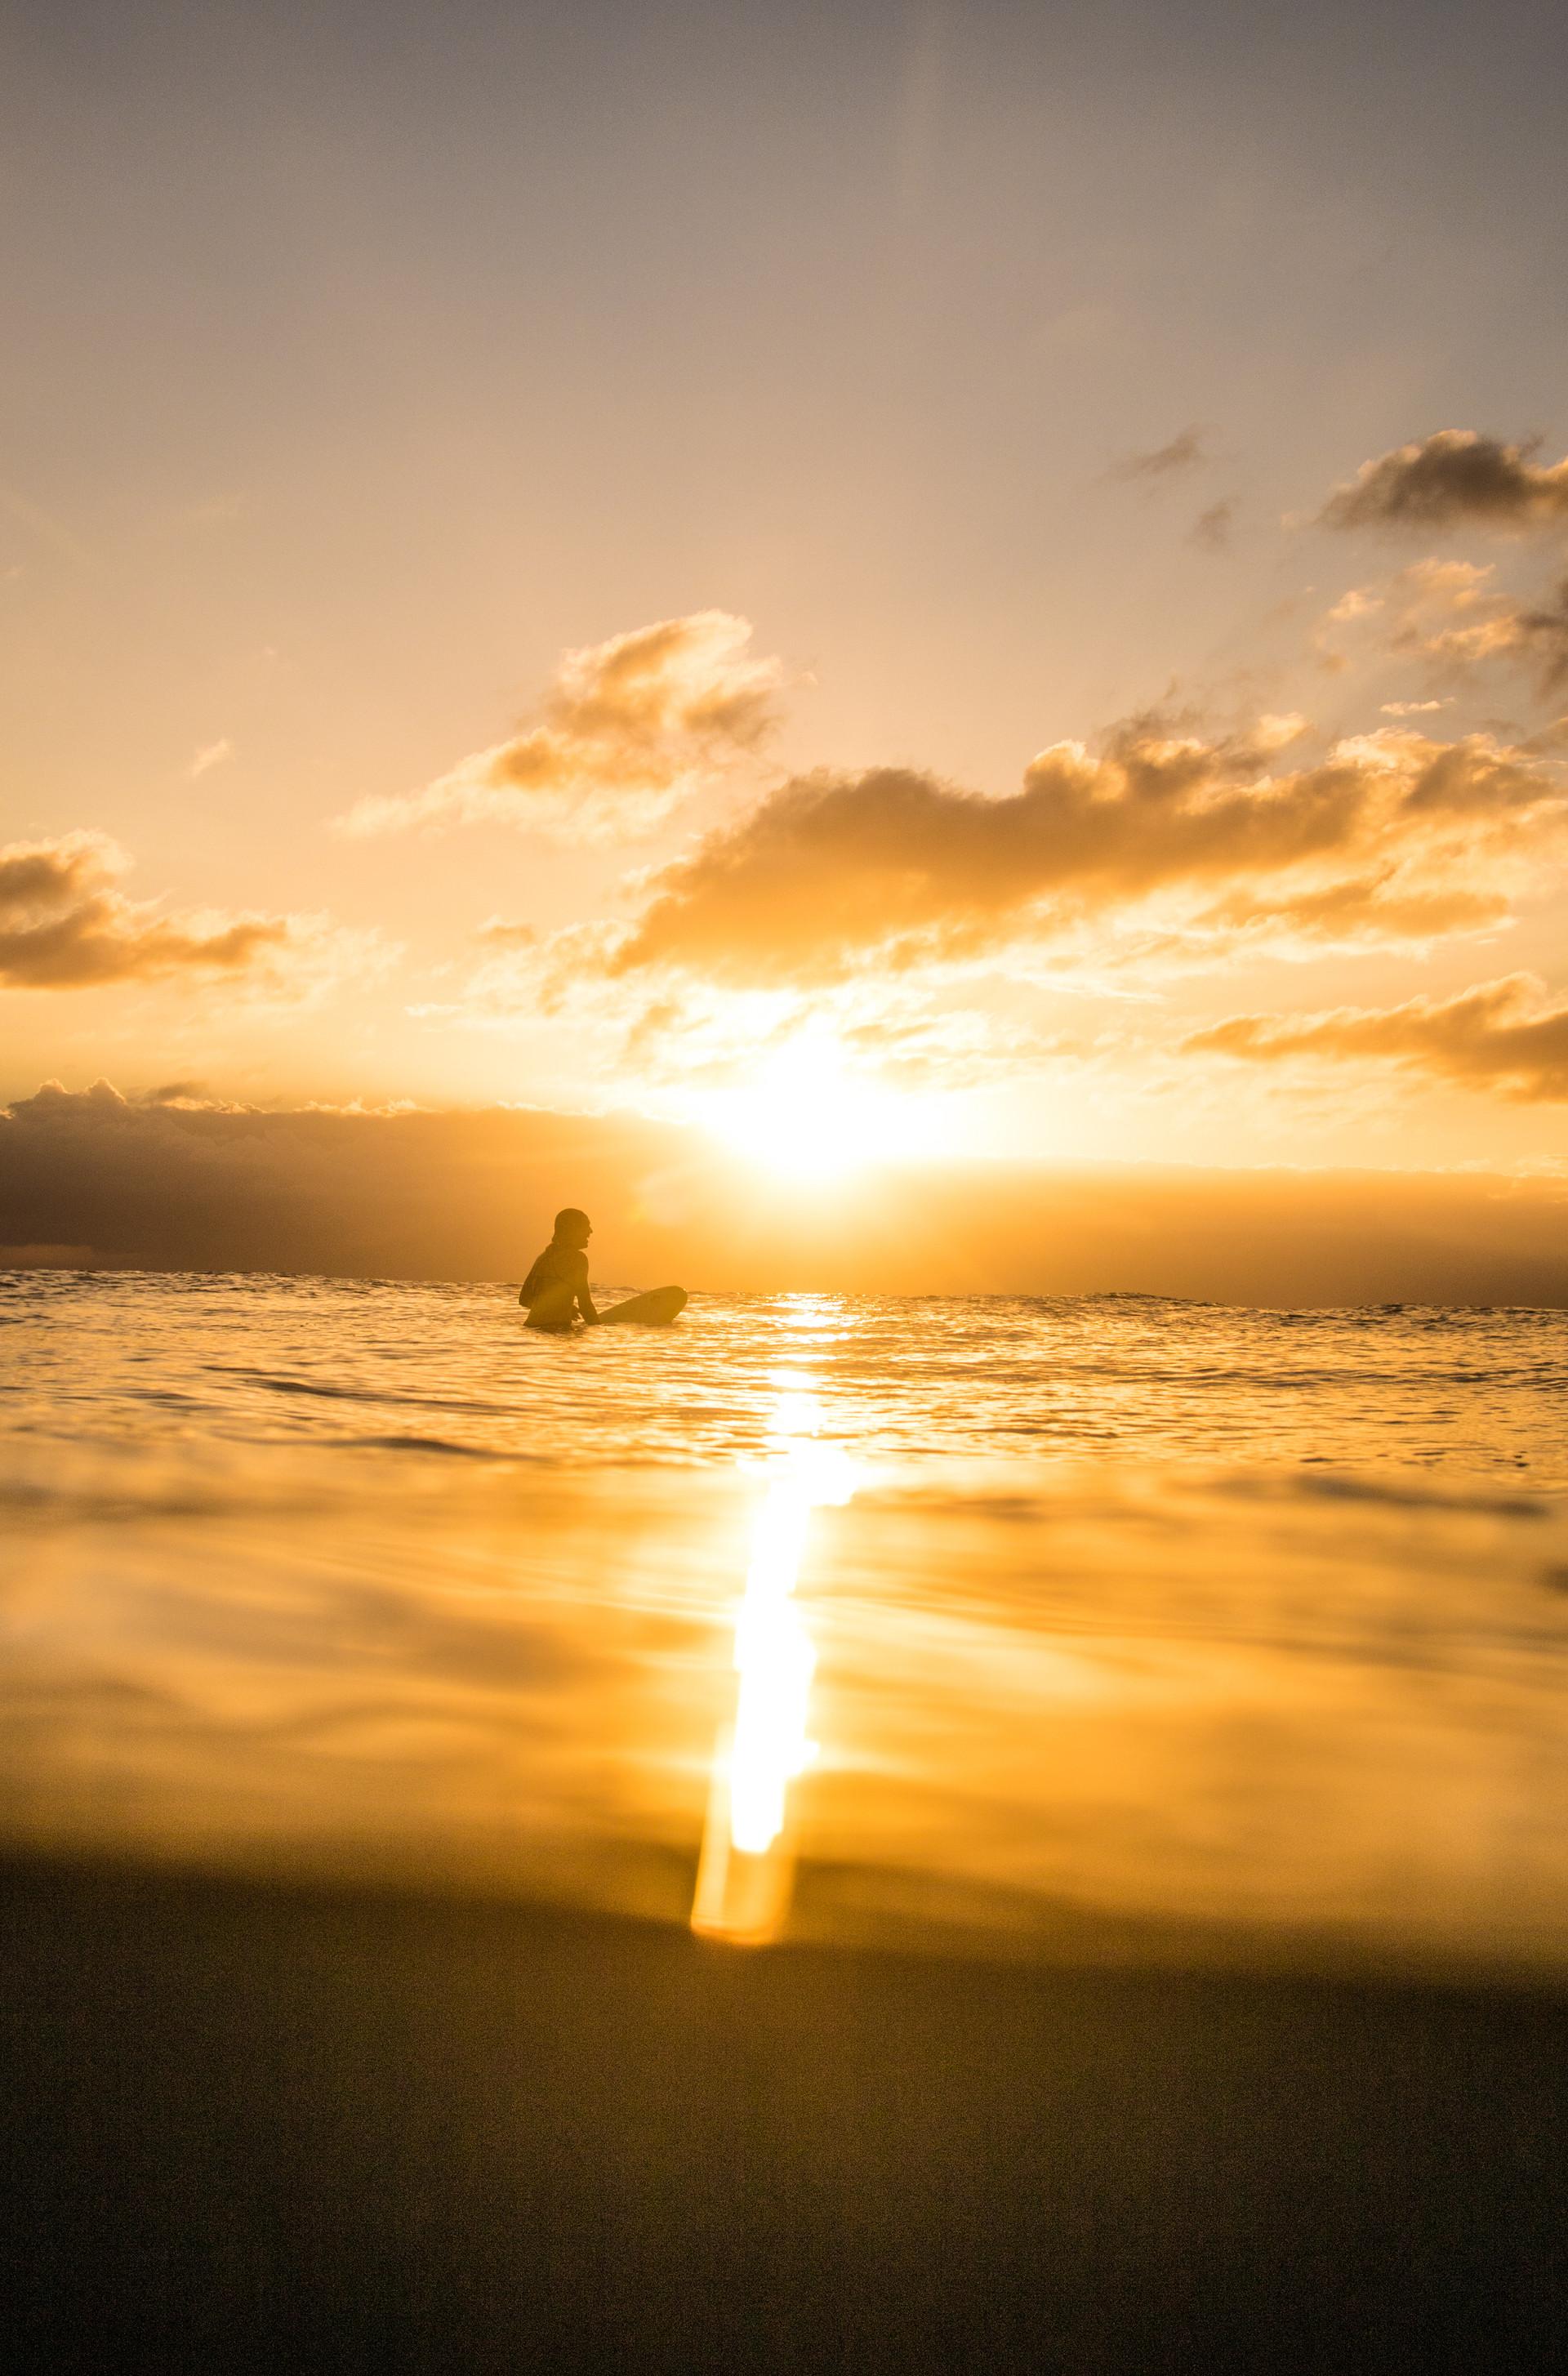 sunset surfer sat.jpg